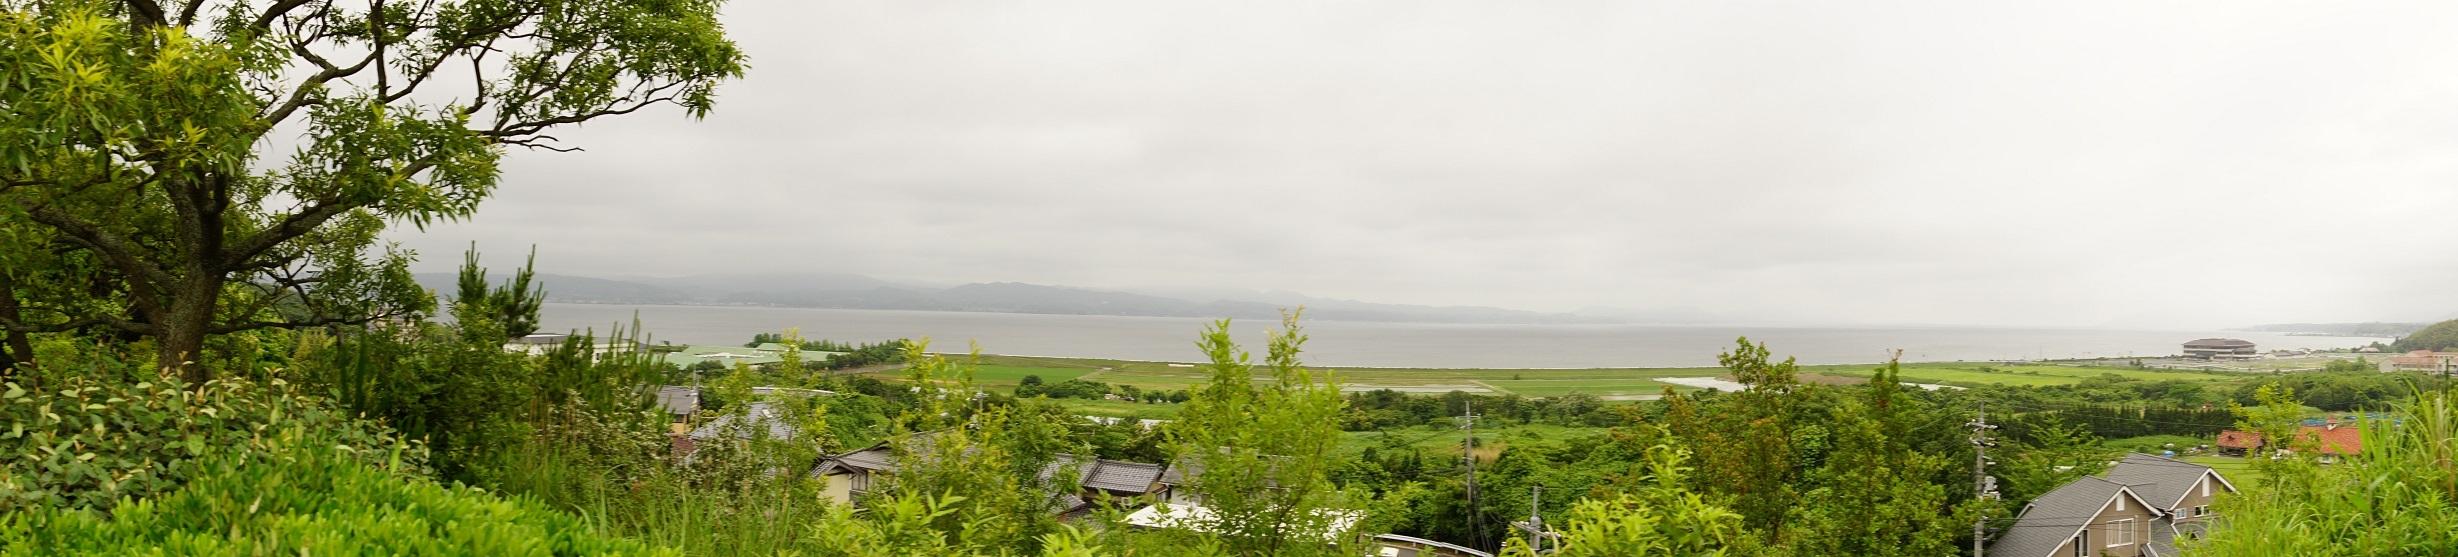 08_丘上から望む宍道湖